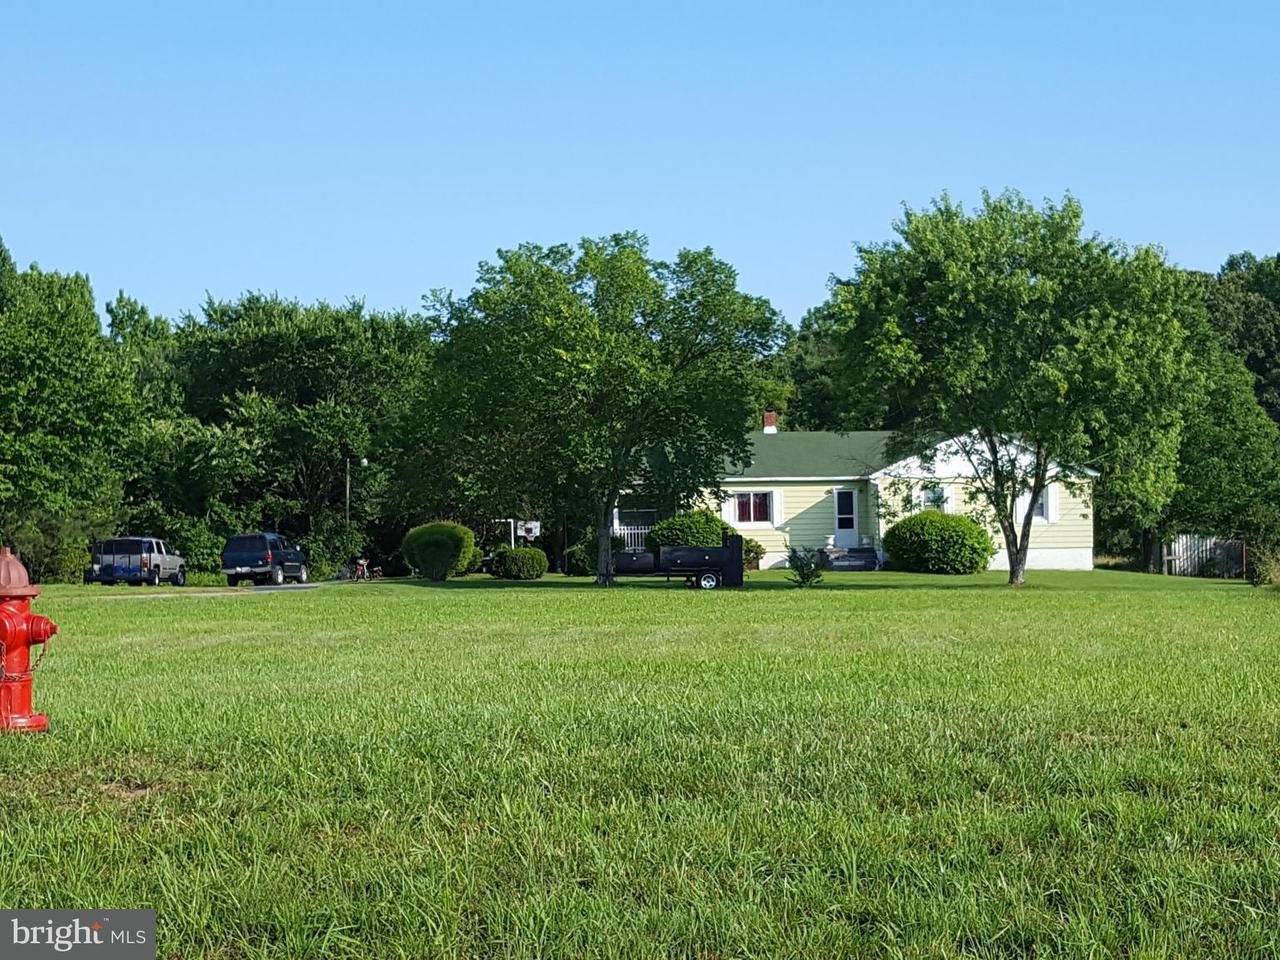 独户住宅 为 销售 在 23435 Rogers Clark Blvd 23435 Rogers Clark Blvd Ruther Glen, 弗吉尼亚州 22546 美国